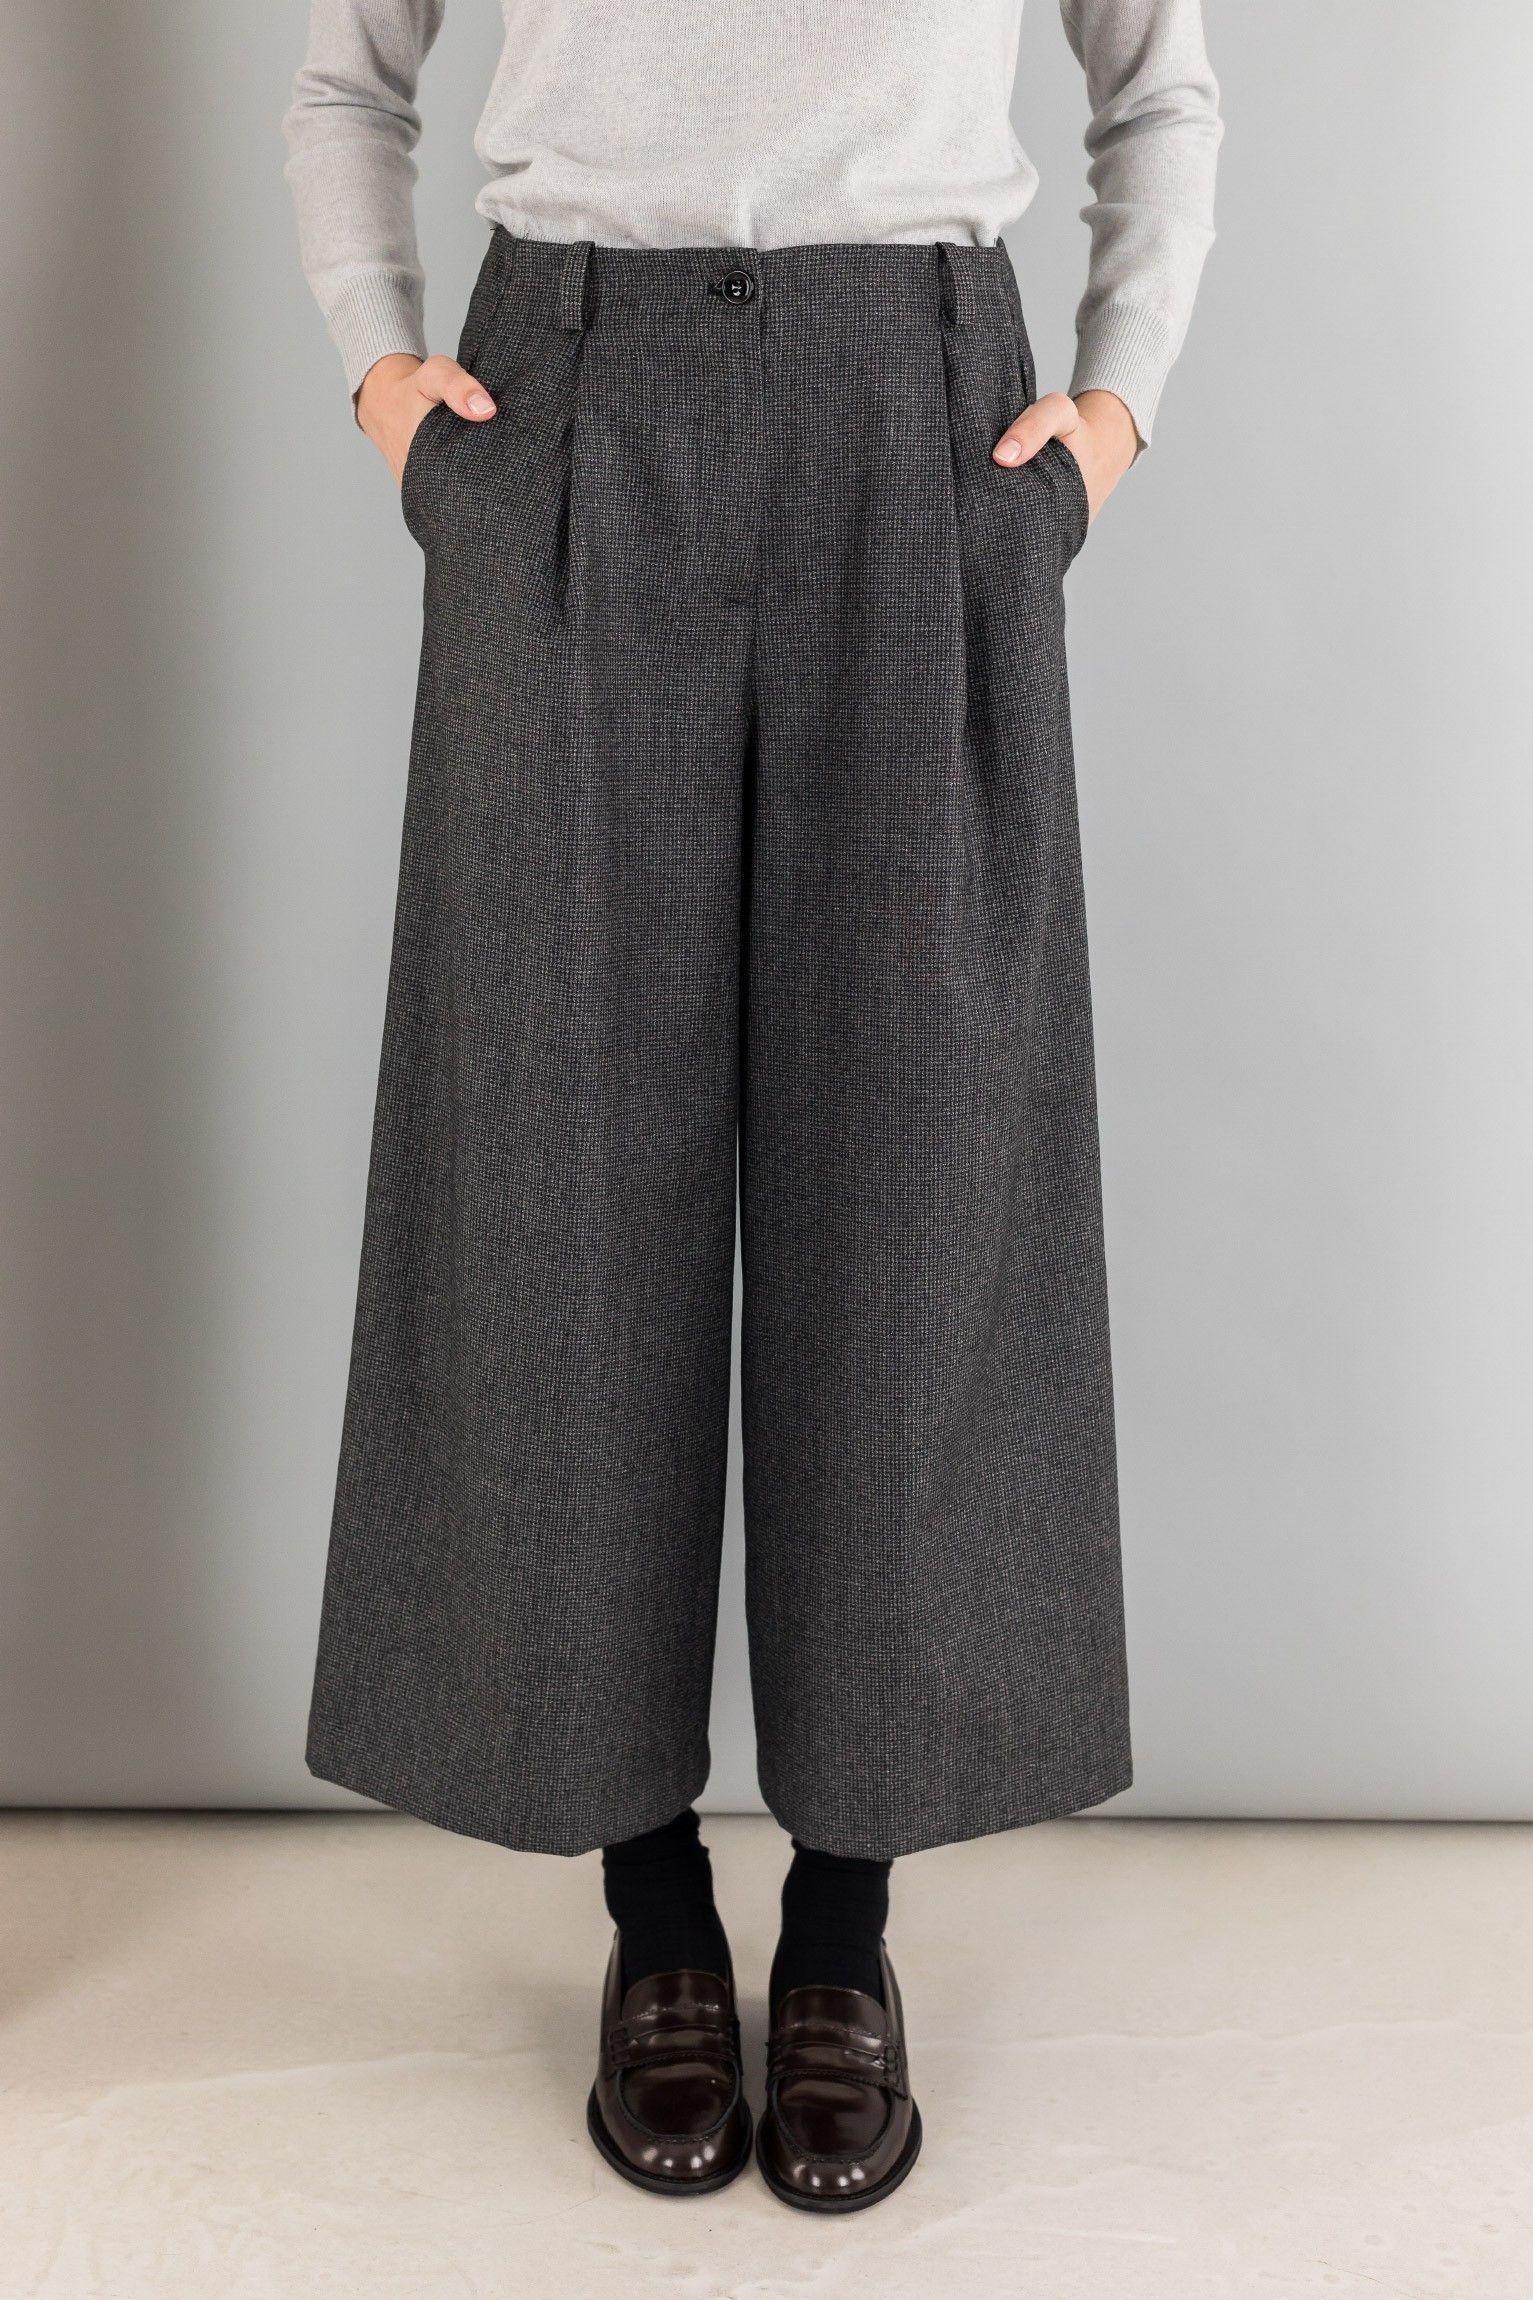 In Pantalone Tre Varianti Disponibile Lana Con Piega Culotte PrRwrqt